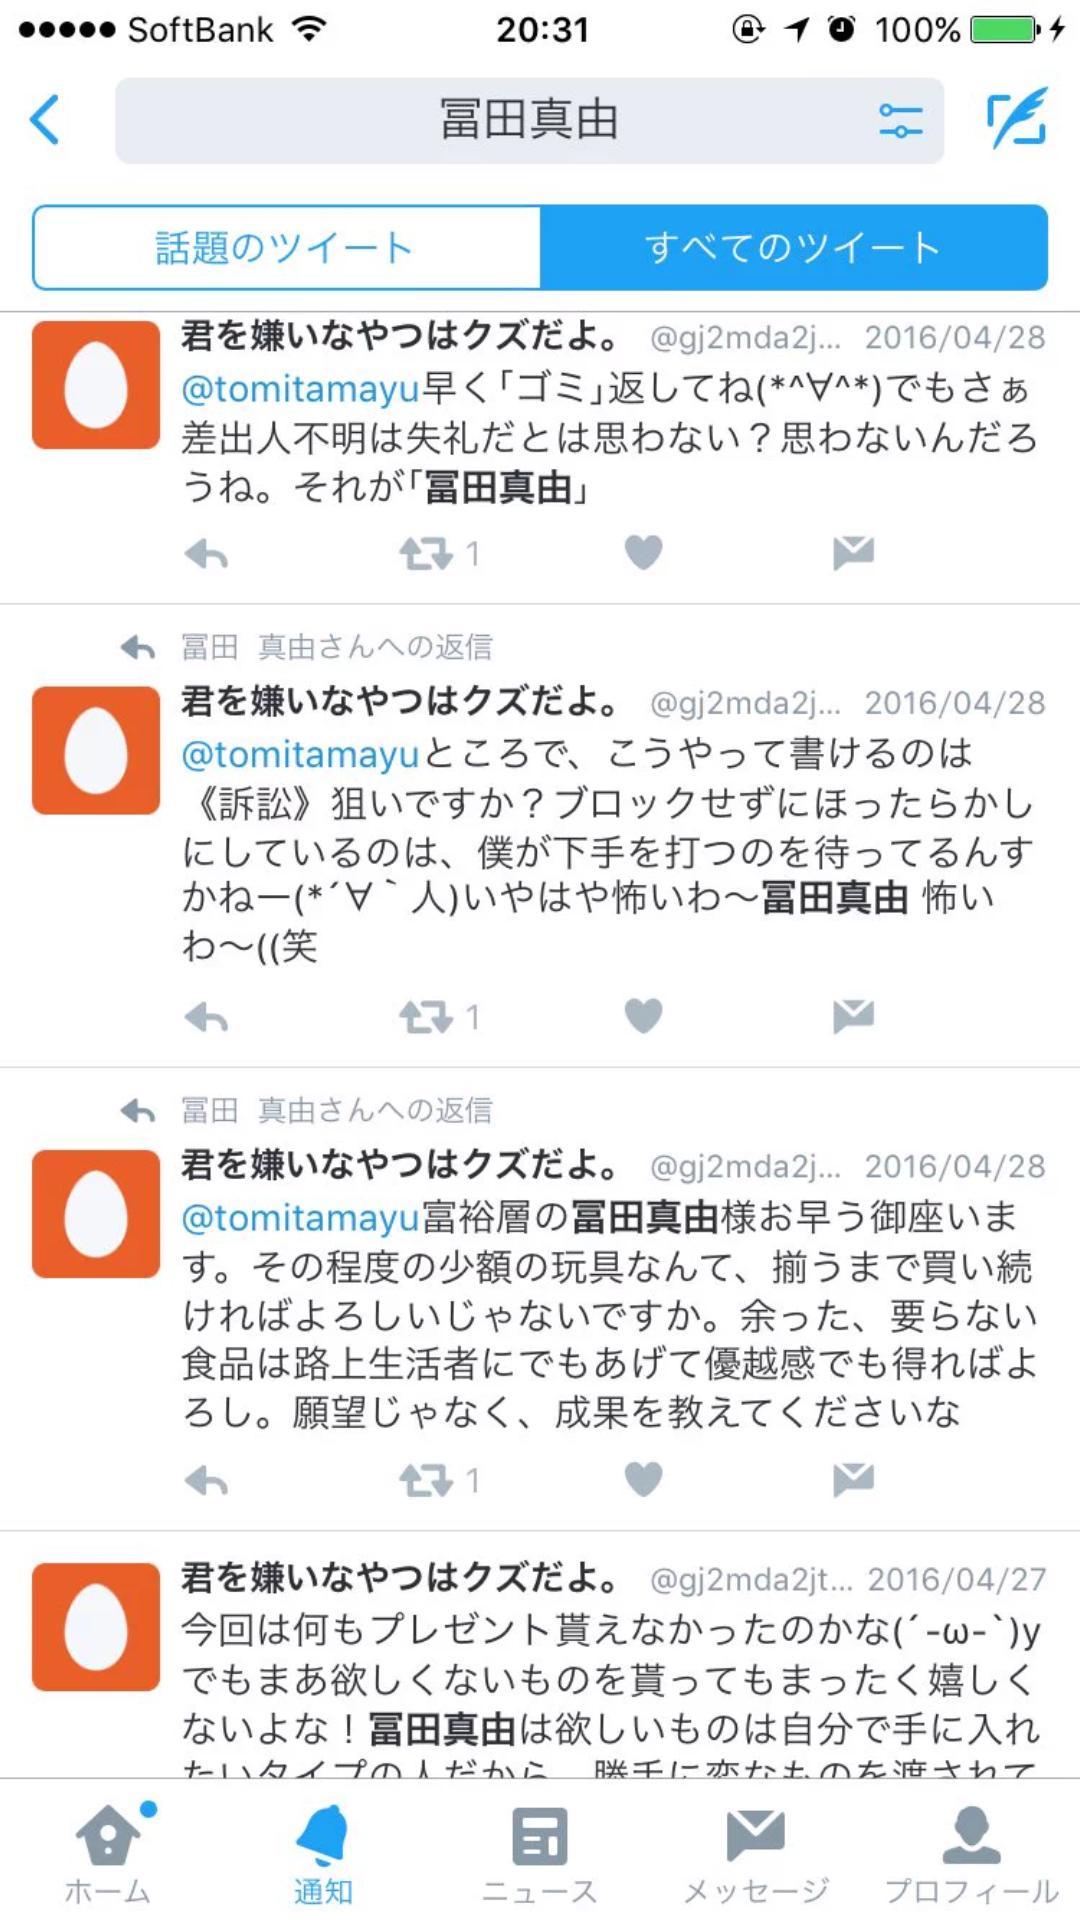 冨田由美さん刺傷事件ヤバすぎ…逮捕の男「贈り物返せ」→「贈り物を送り返されカッとなった」 容疑を殺人未遂に切り替え、動機など捜査 小金井署